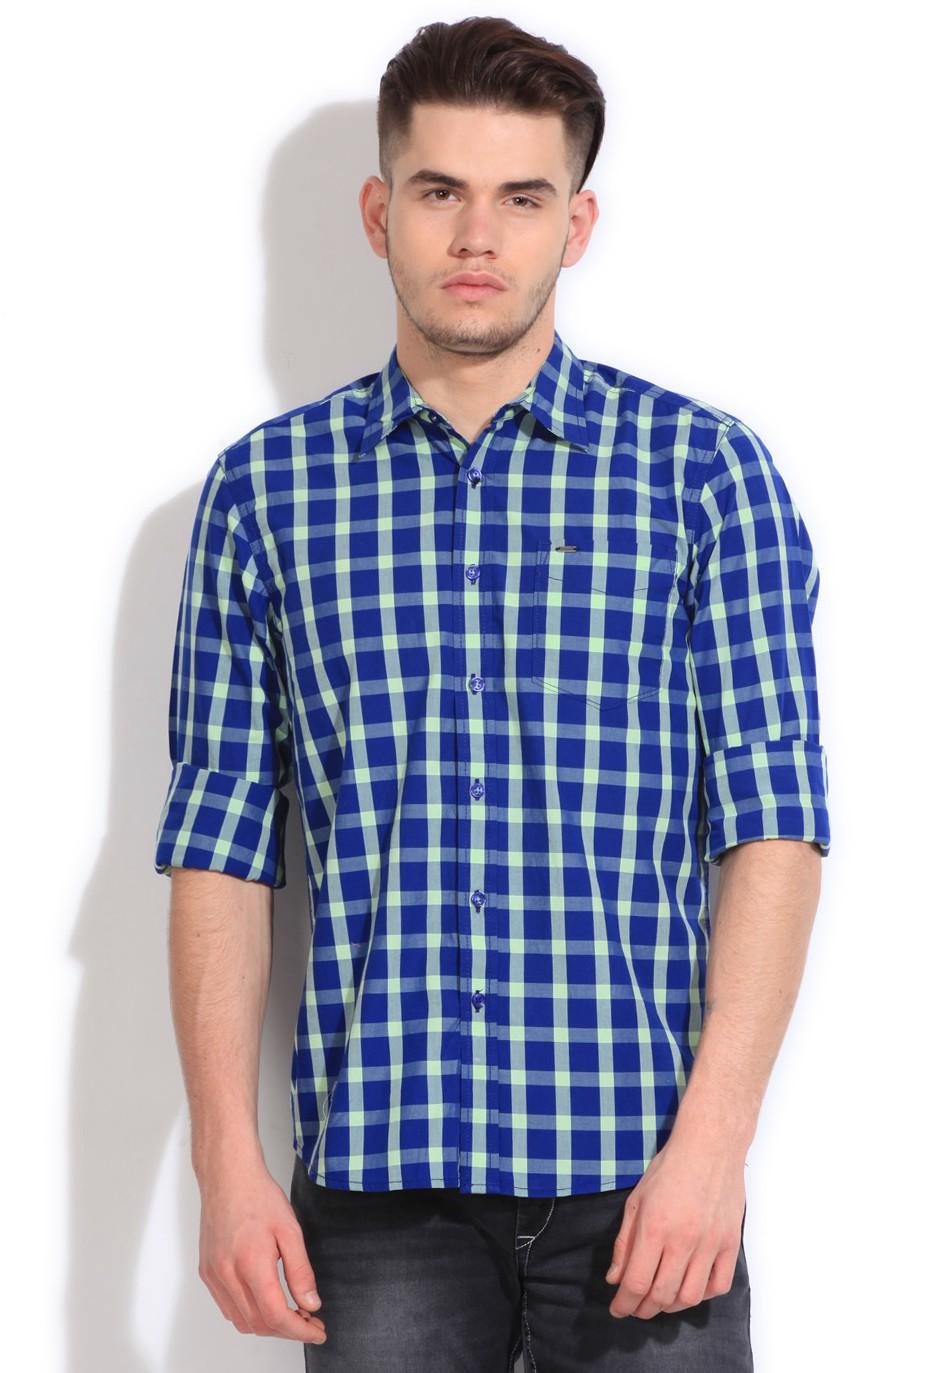 Flipkart - Shirts for Men Flat 55% Off